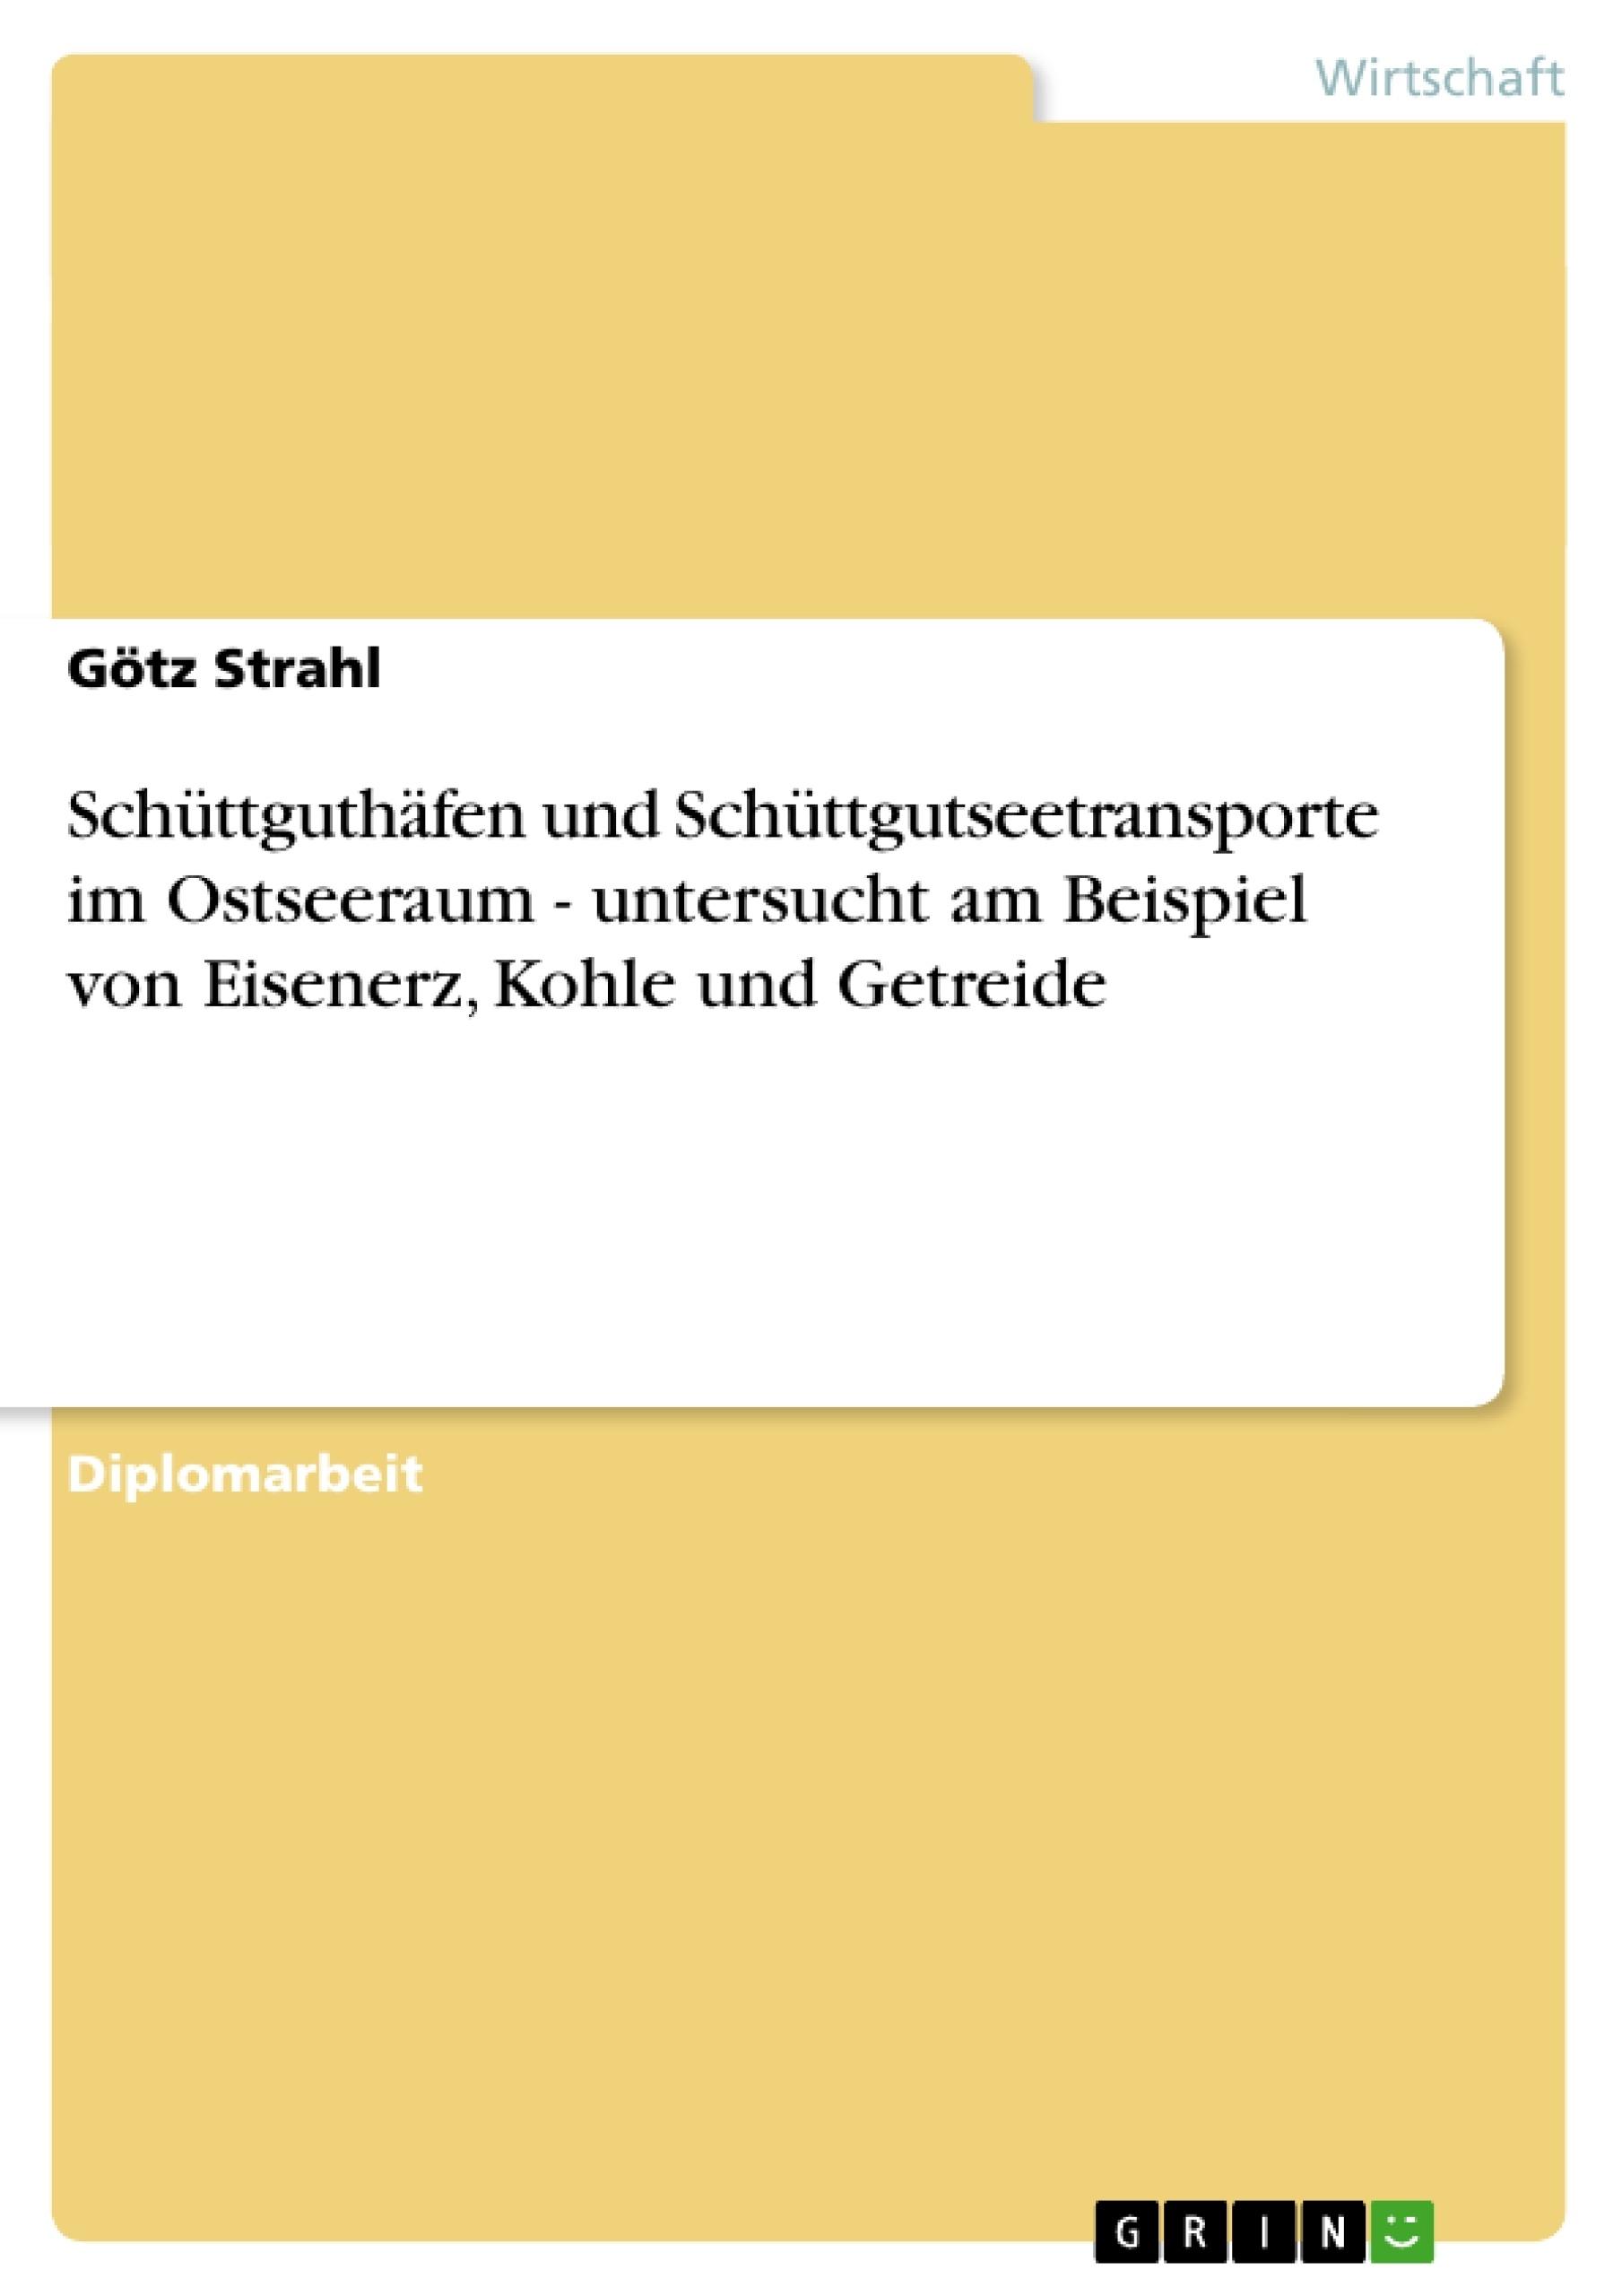 Titel: Schüttguthäfen und Schüttgutseetransporte im Ostseeraum - untersucht am Beispiel von Eisenerz, Kohle und Getreide